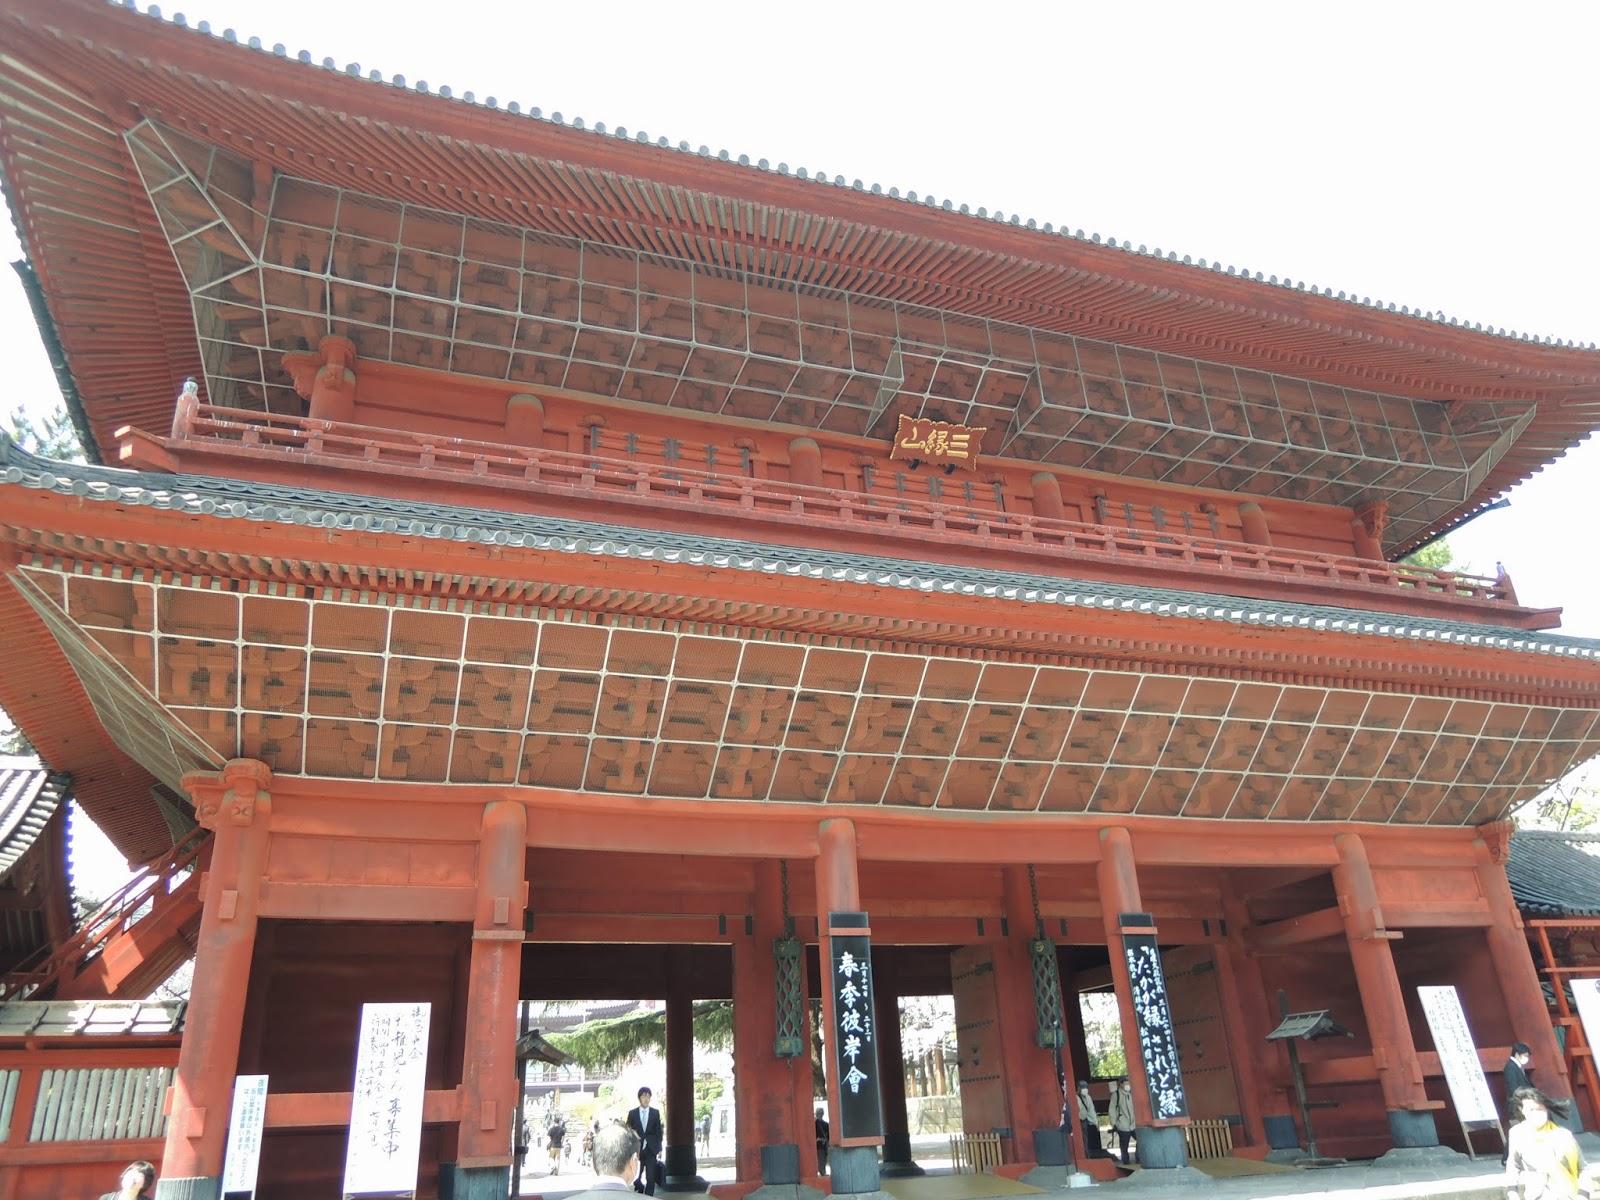 東京観光 芝増上寺 Zojoji Temple